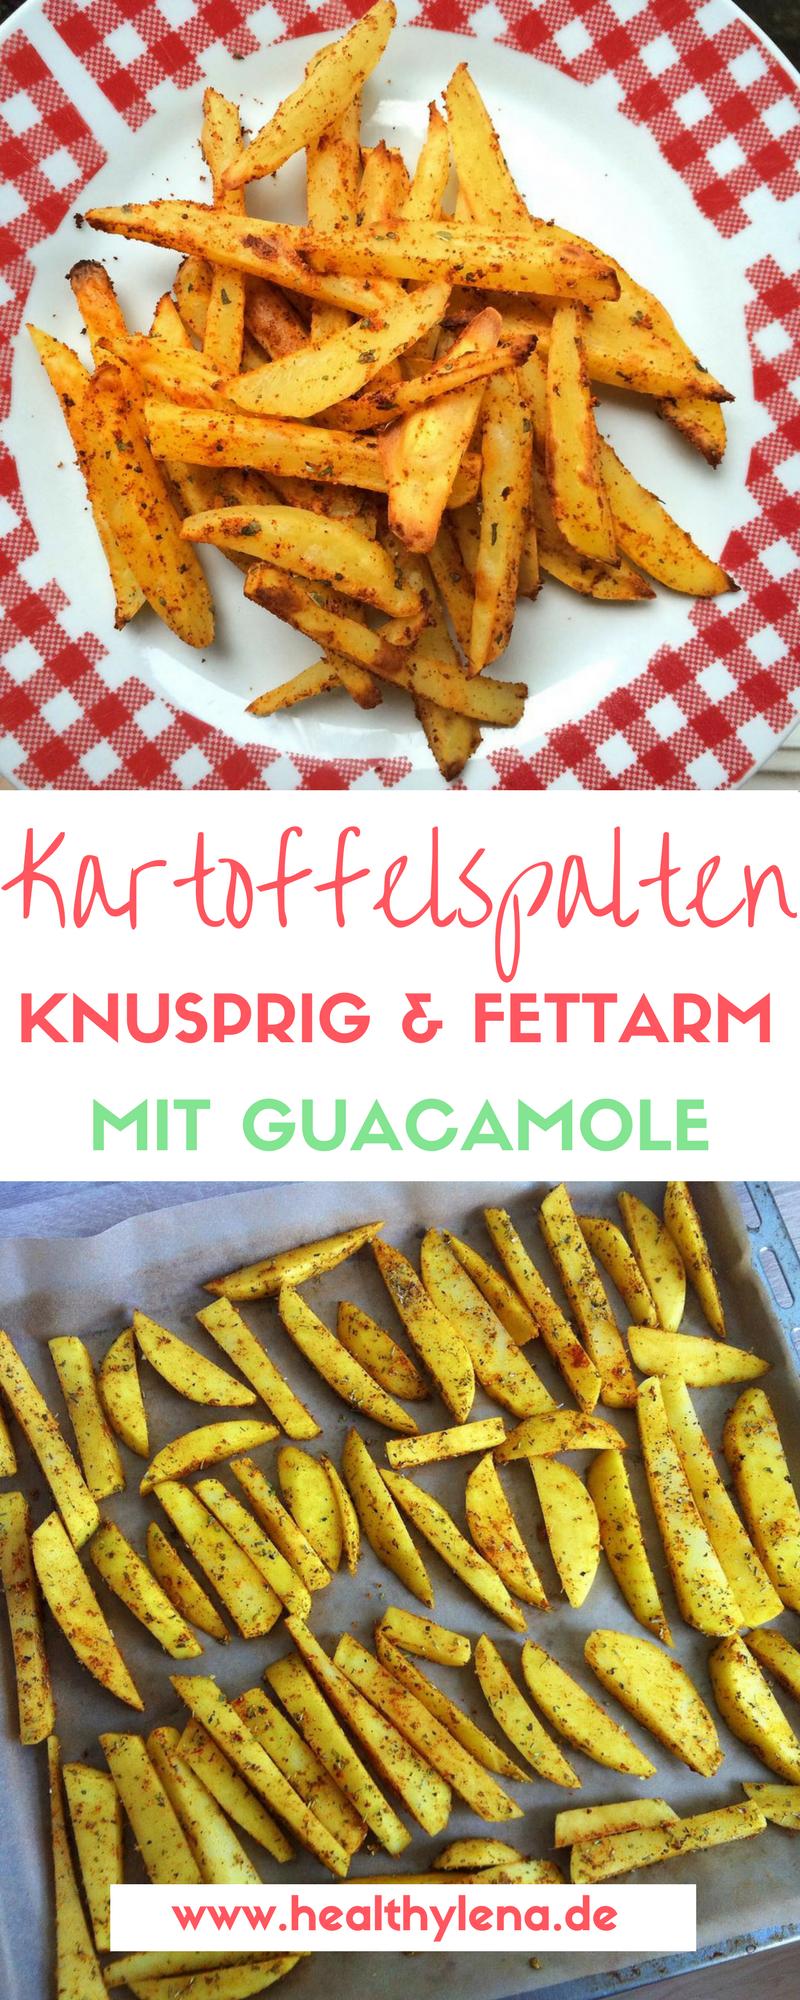 Knusprige fettarme Kartoffelecken mit Guacamole #kartoffeleckenbackofen